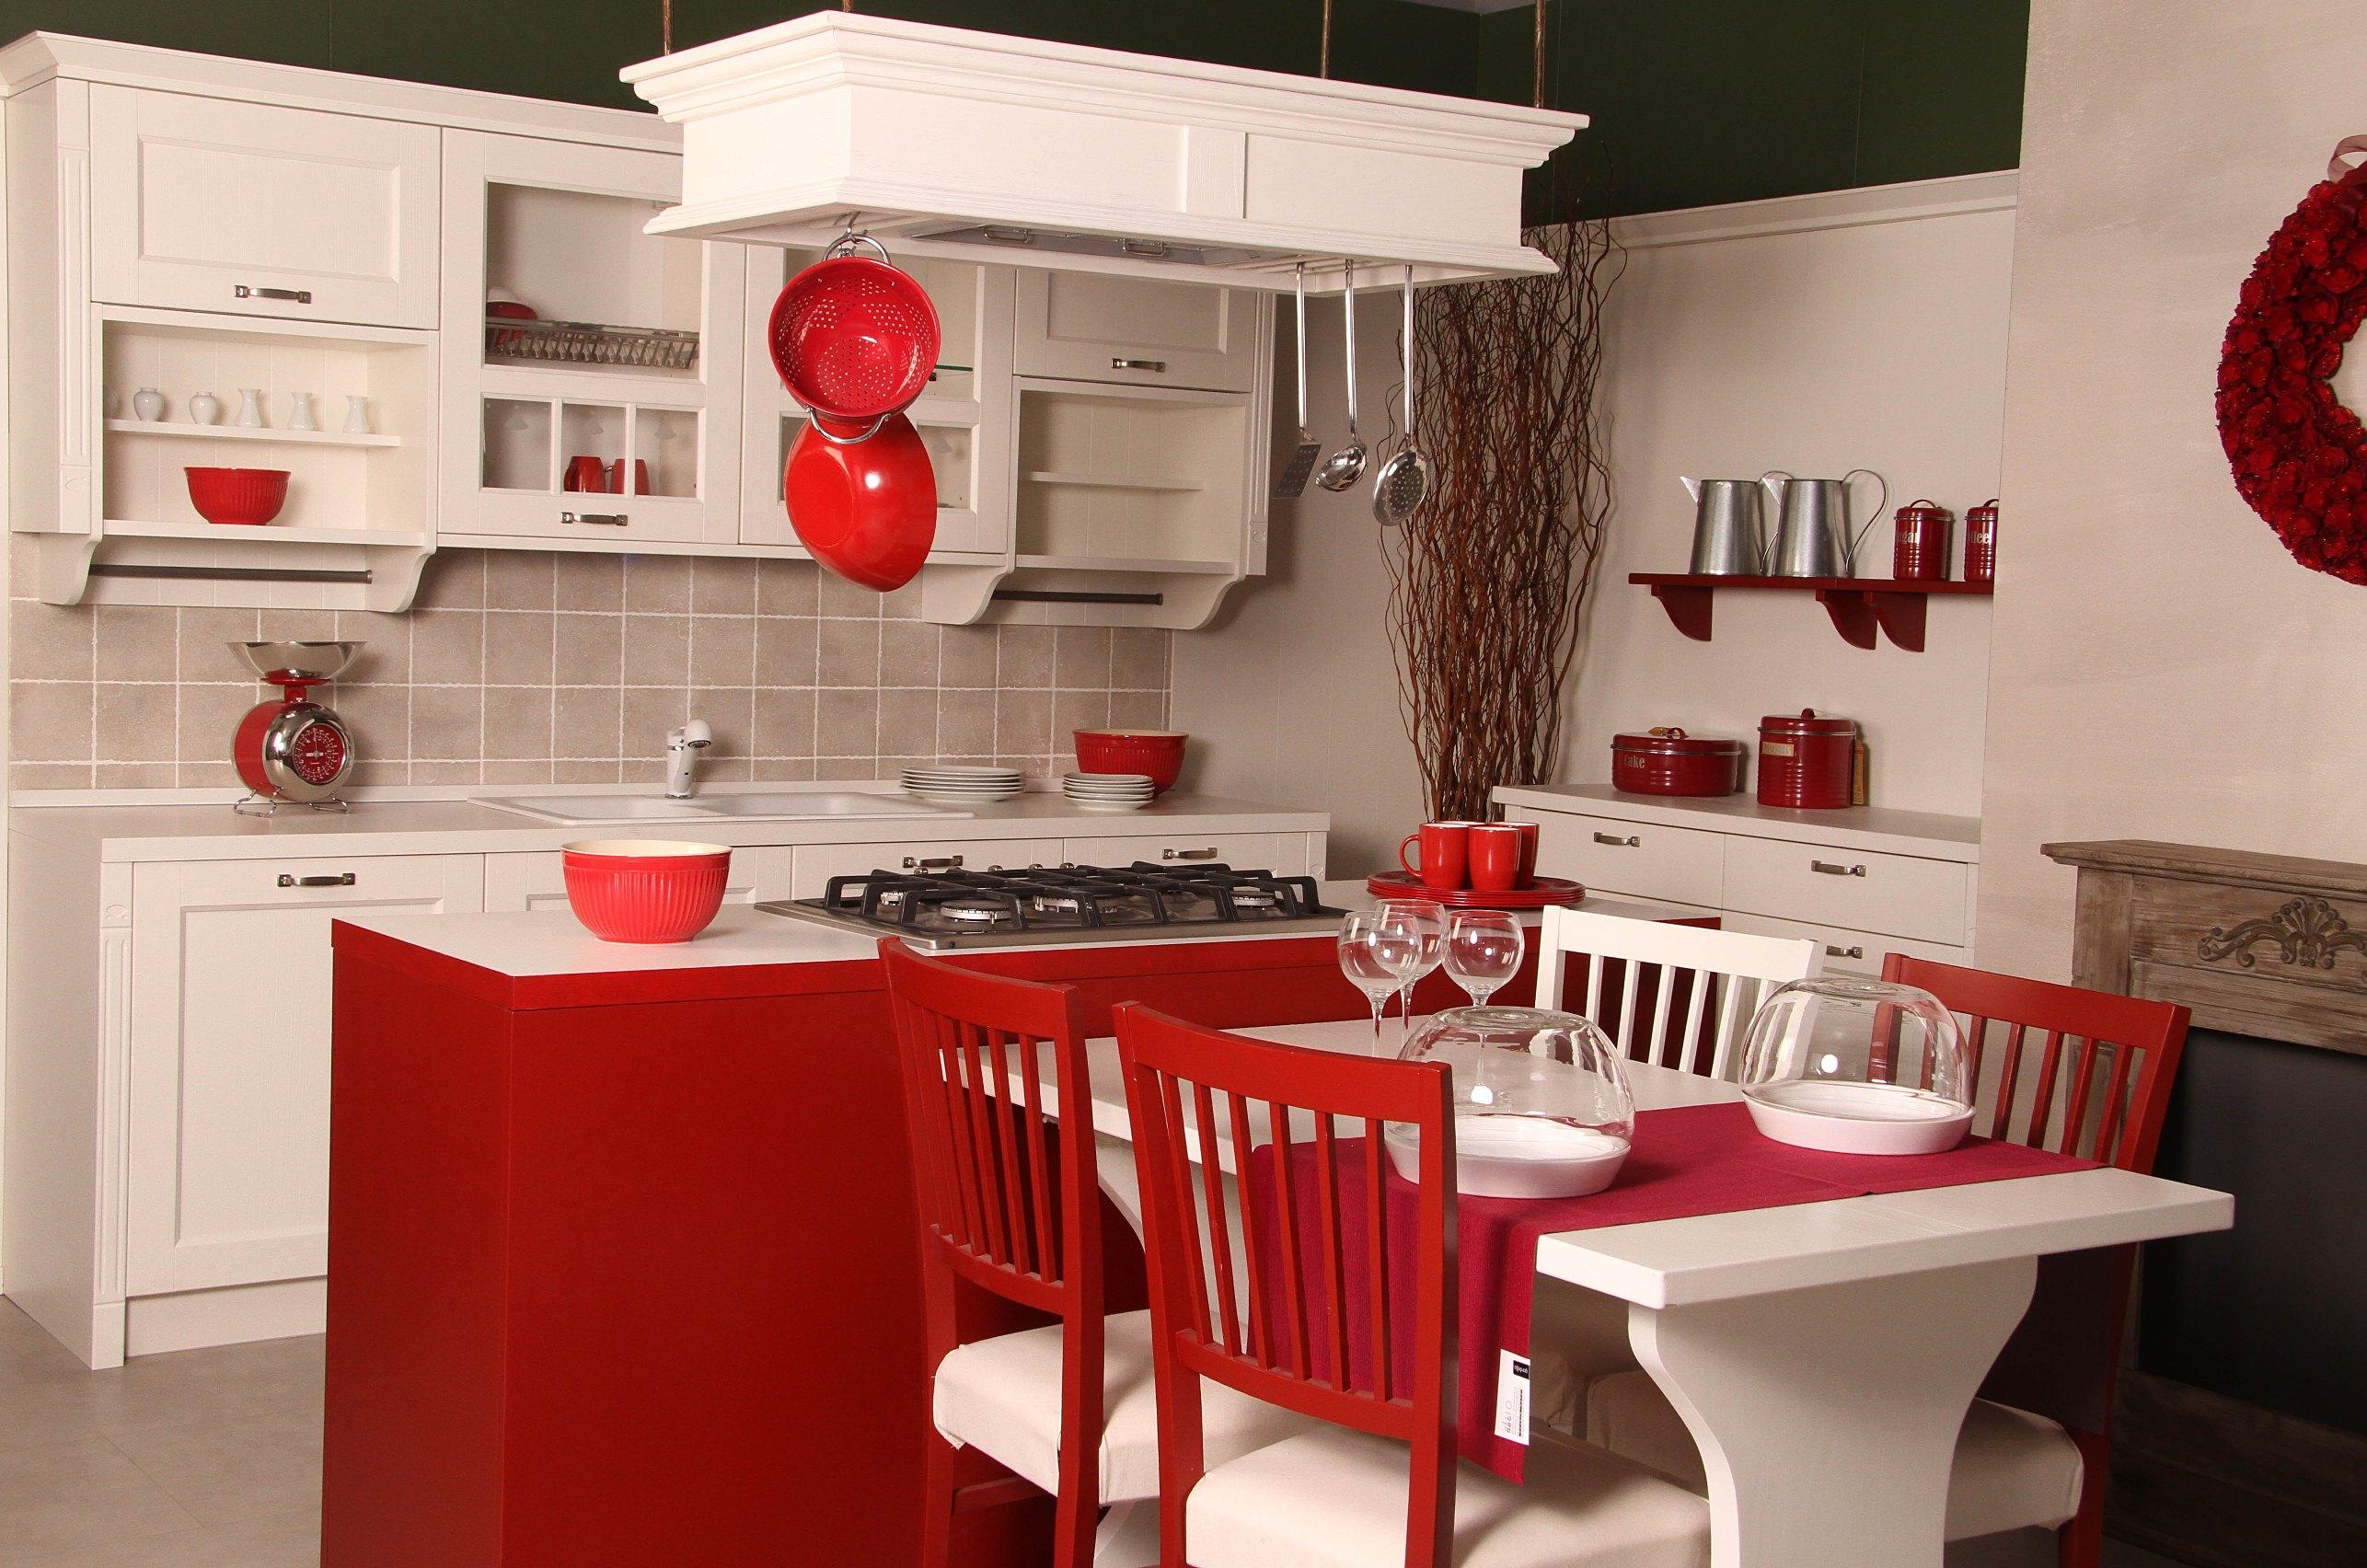 GRETHA | C&C Cucine & Cucine ArredamentiC&C Cucine & Cucine Arredamenti